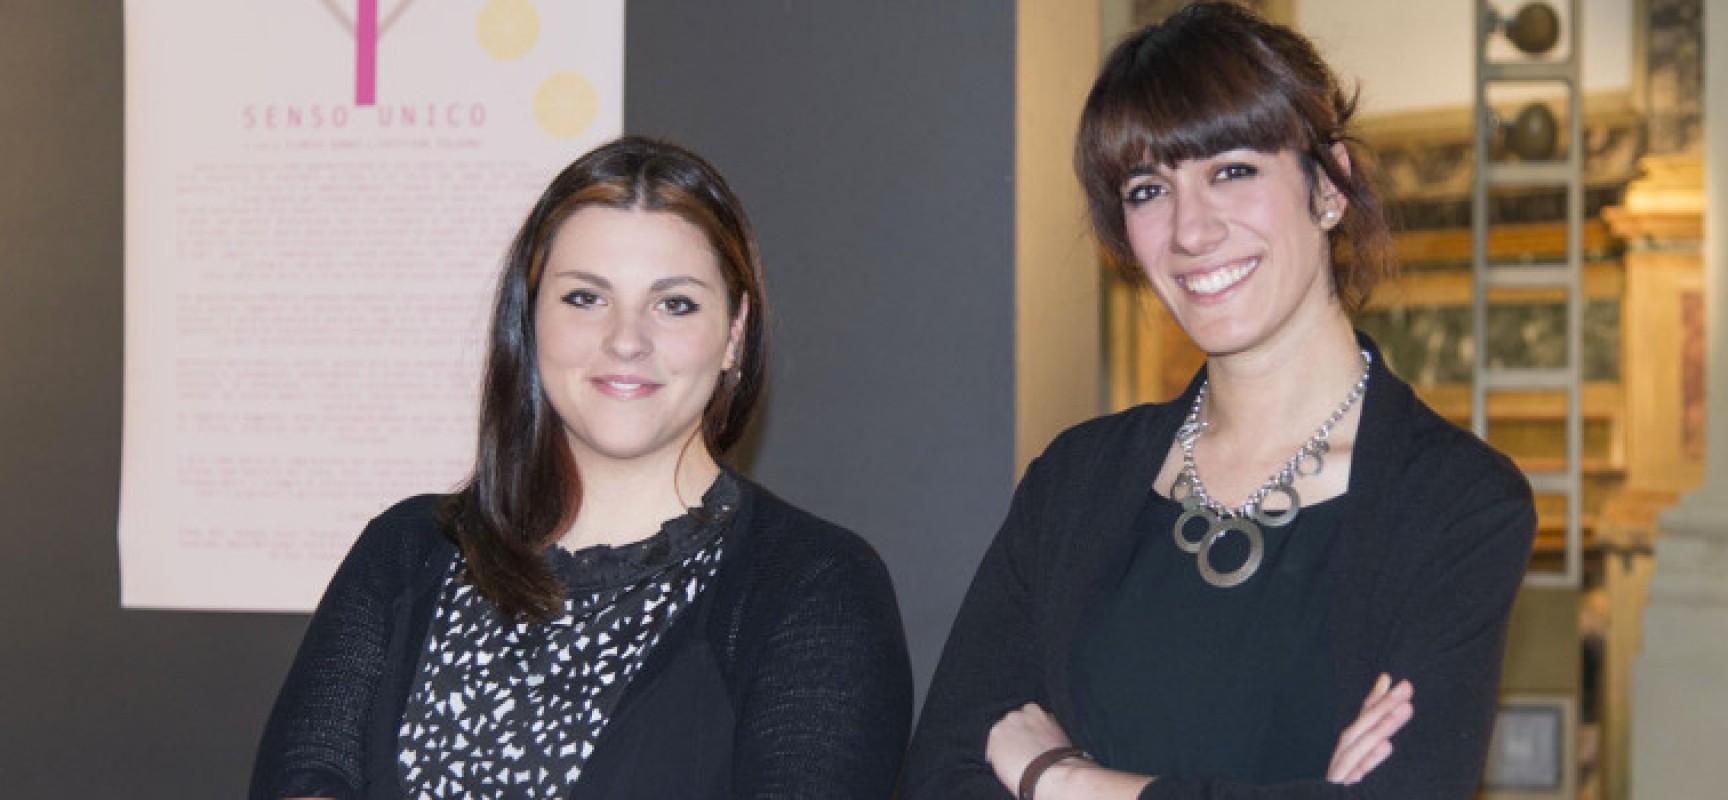 """La biscegliese Cristina Soldano curatrice della mostra collettiva """"Senso Unico"""" /FOTO"""